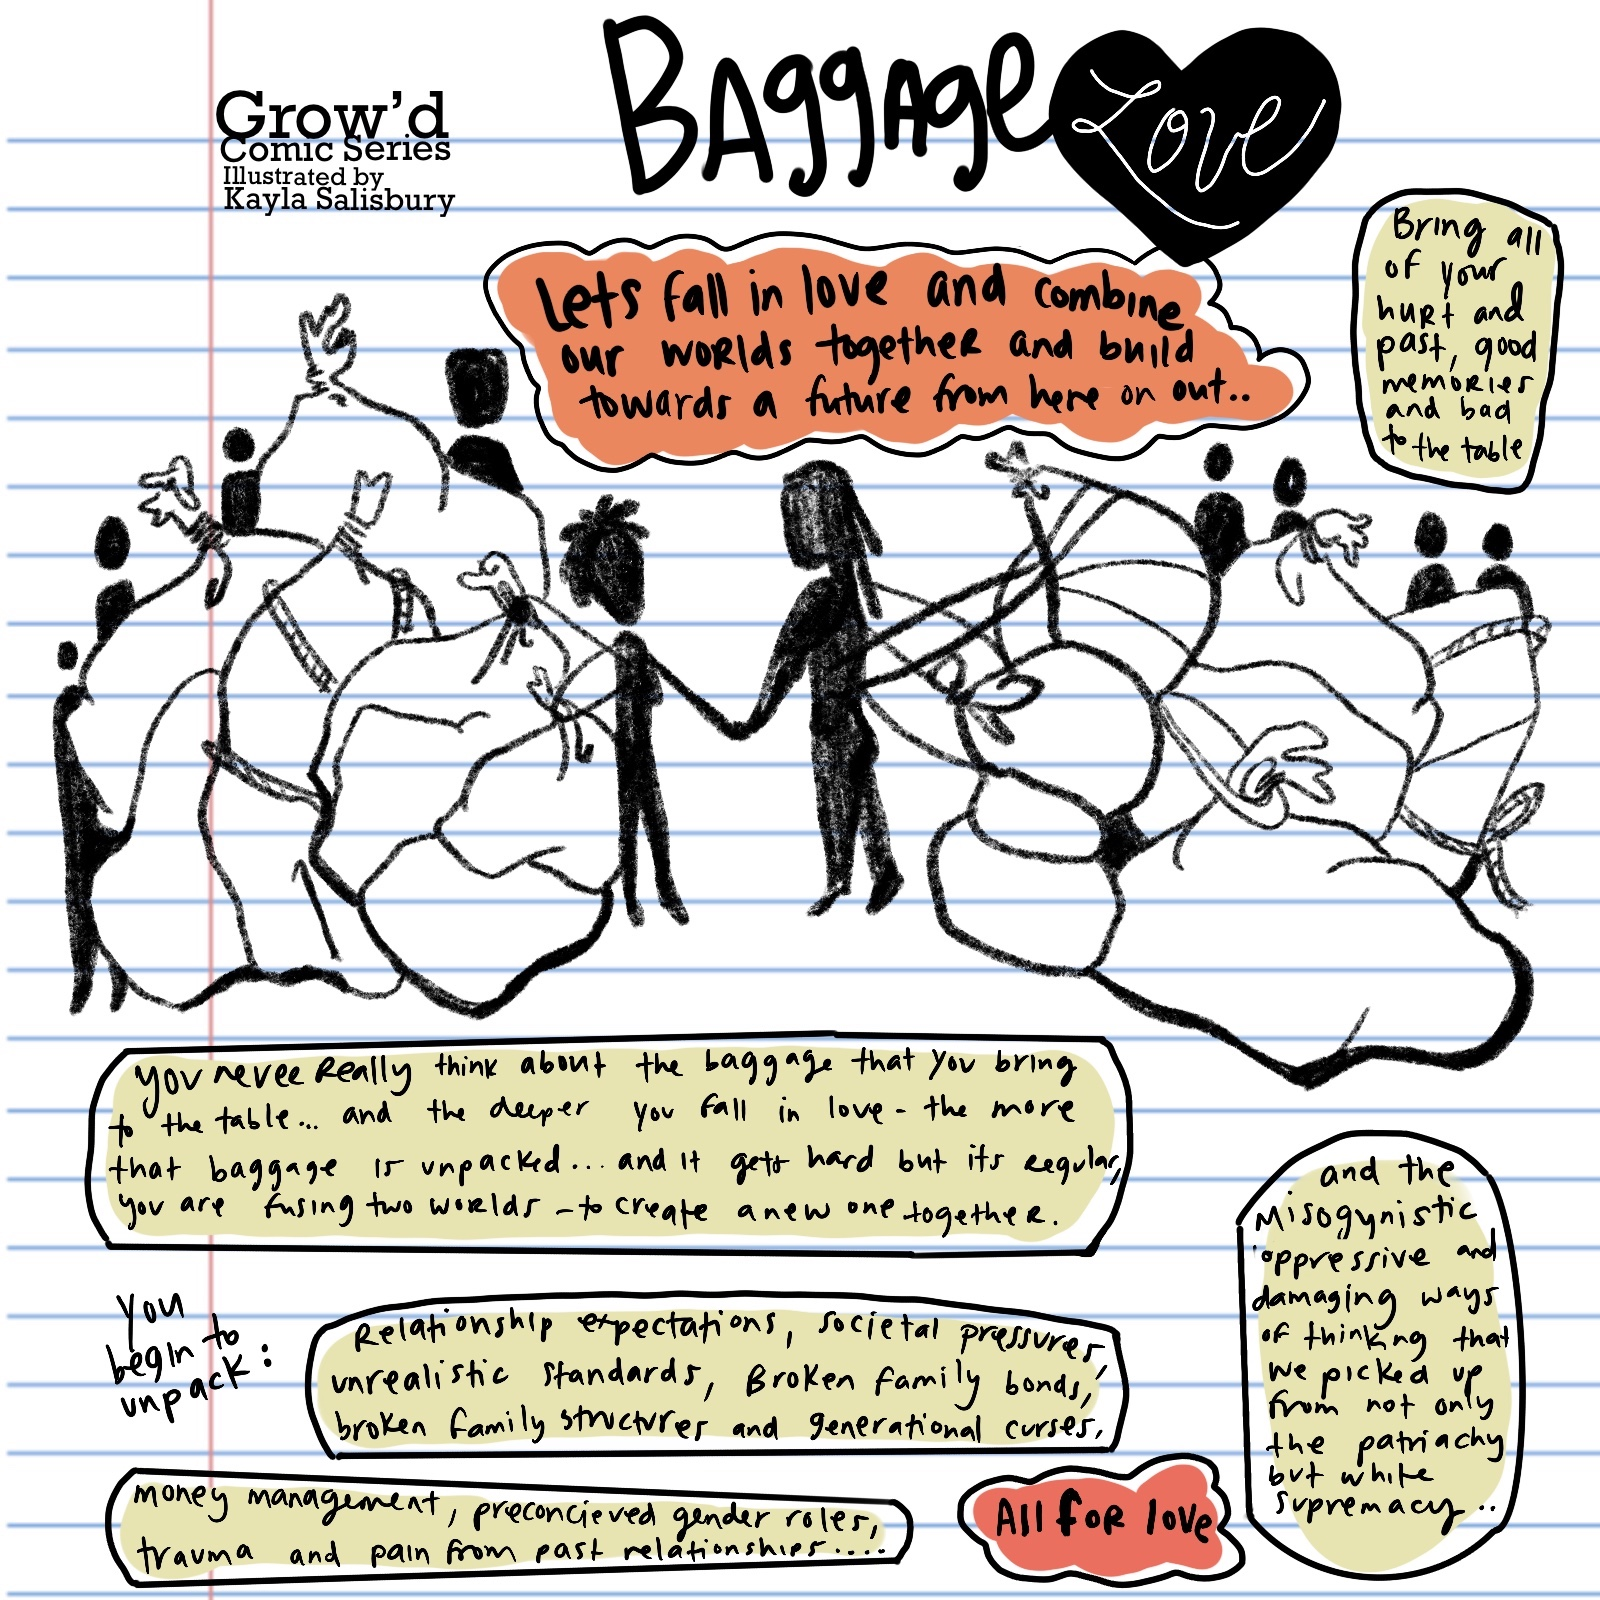 baggage3.jpg